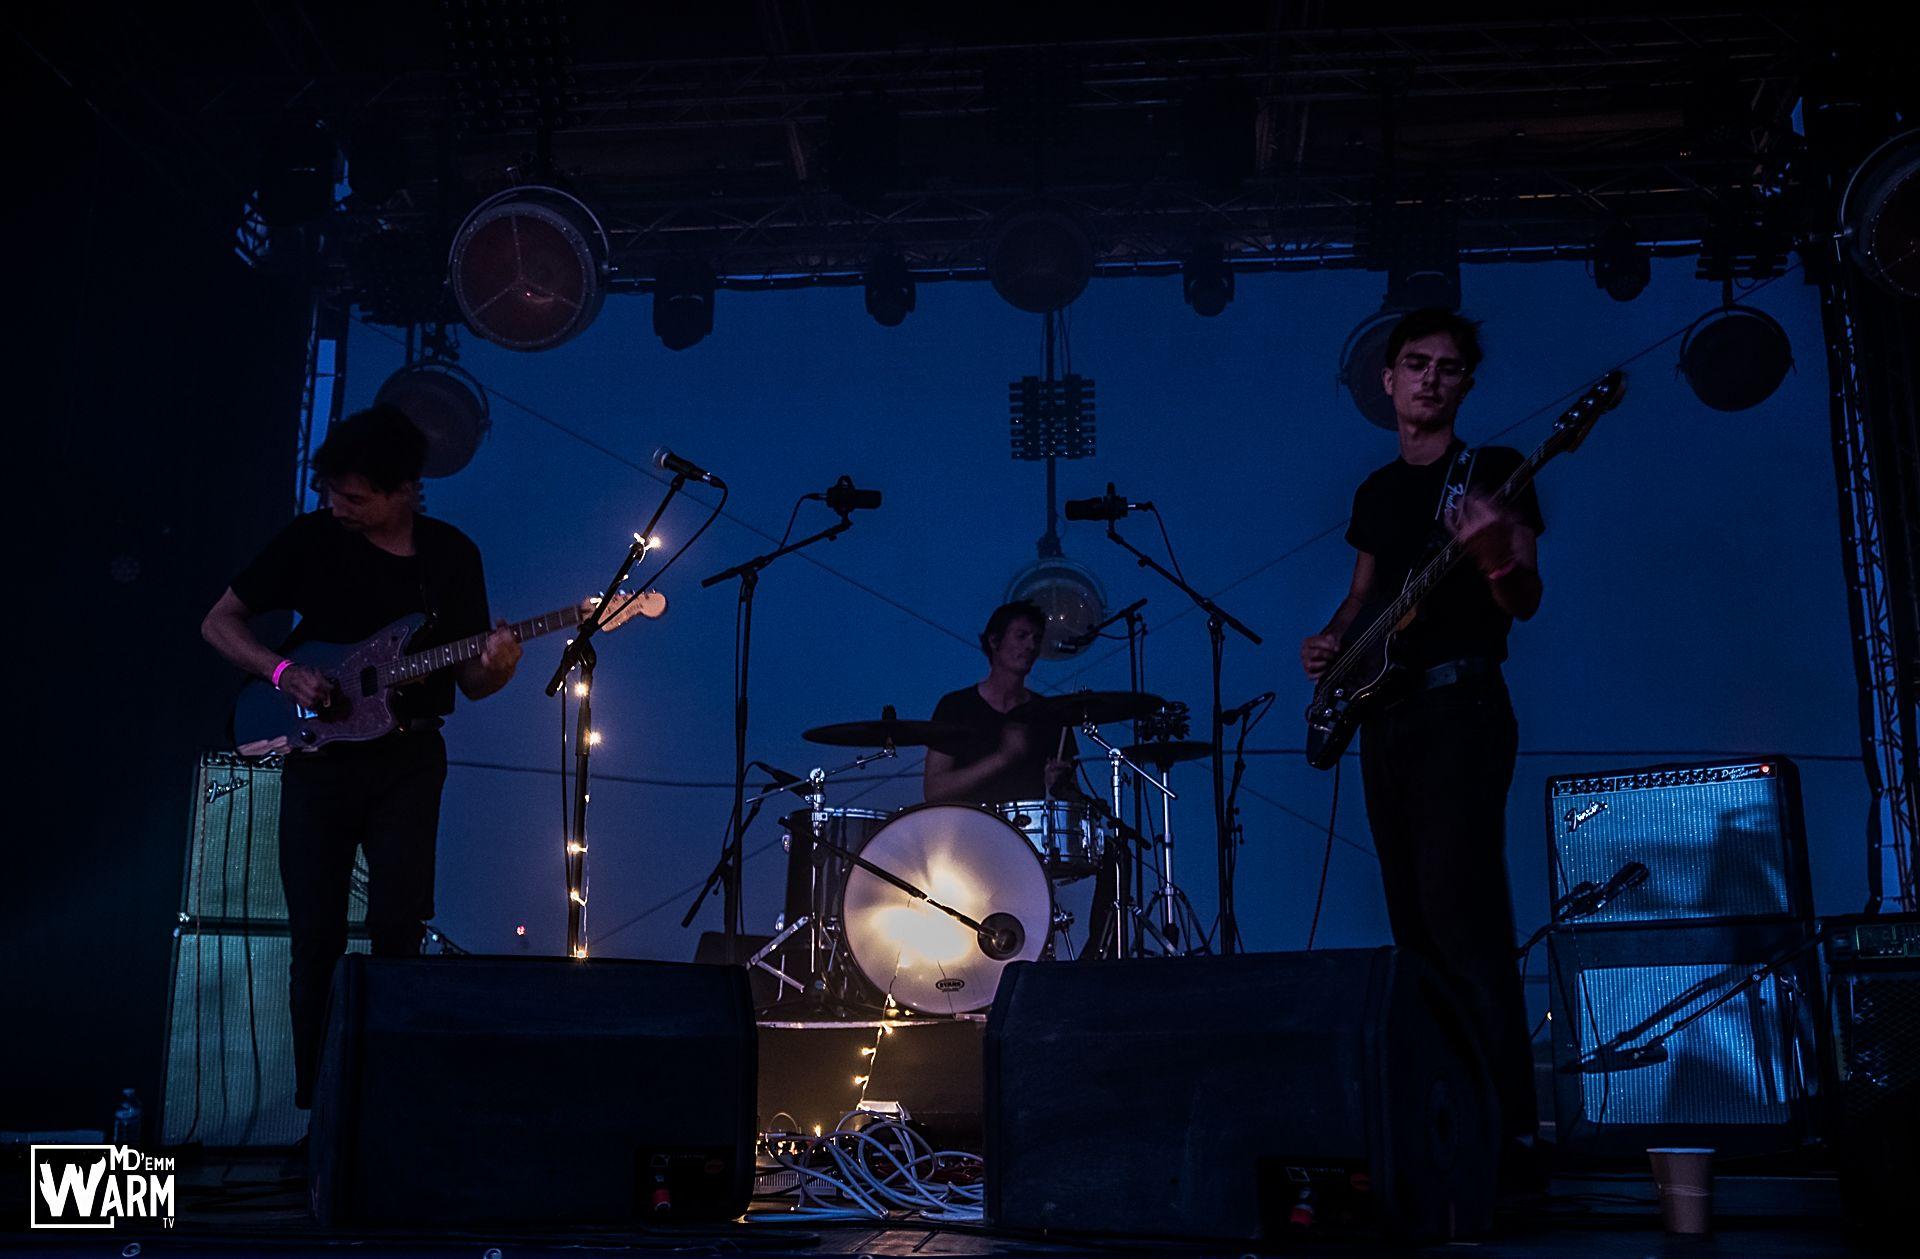 Kraut Rock avec cerveau, 13.08.21 - Servo - L'Autre Canal Nancy - Marie D'Emm (6)